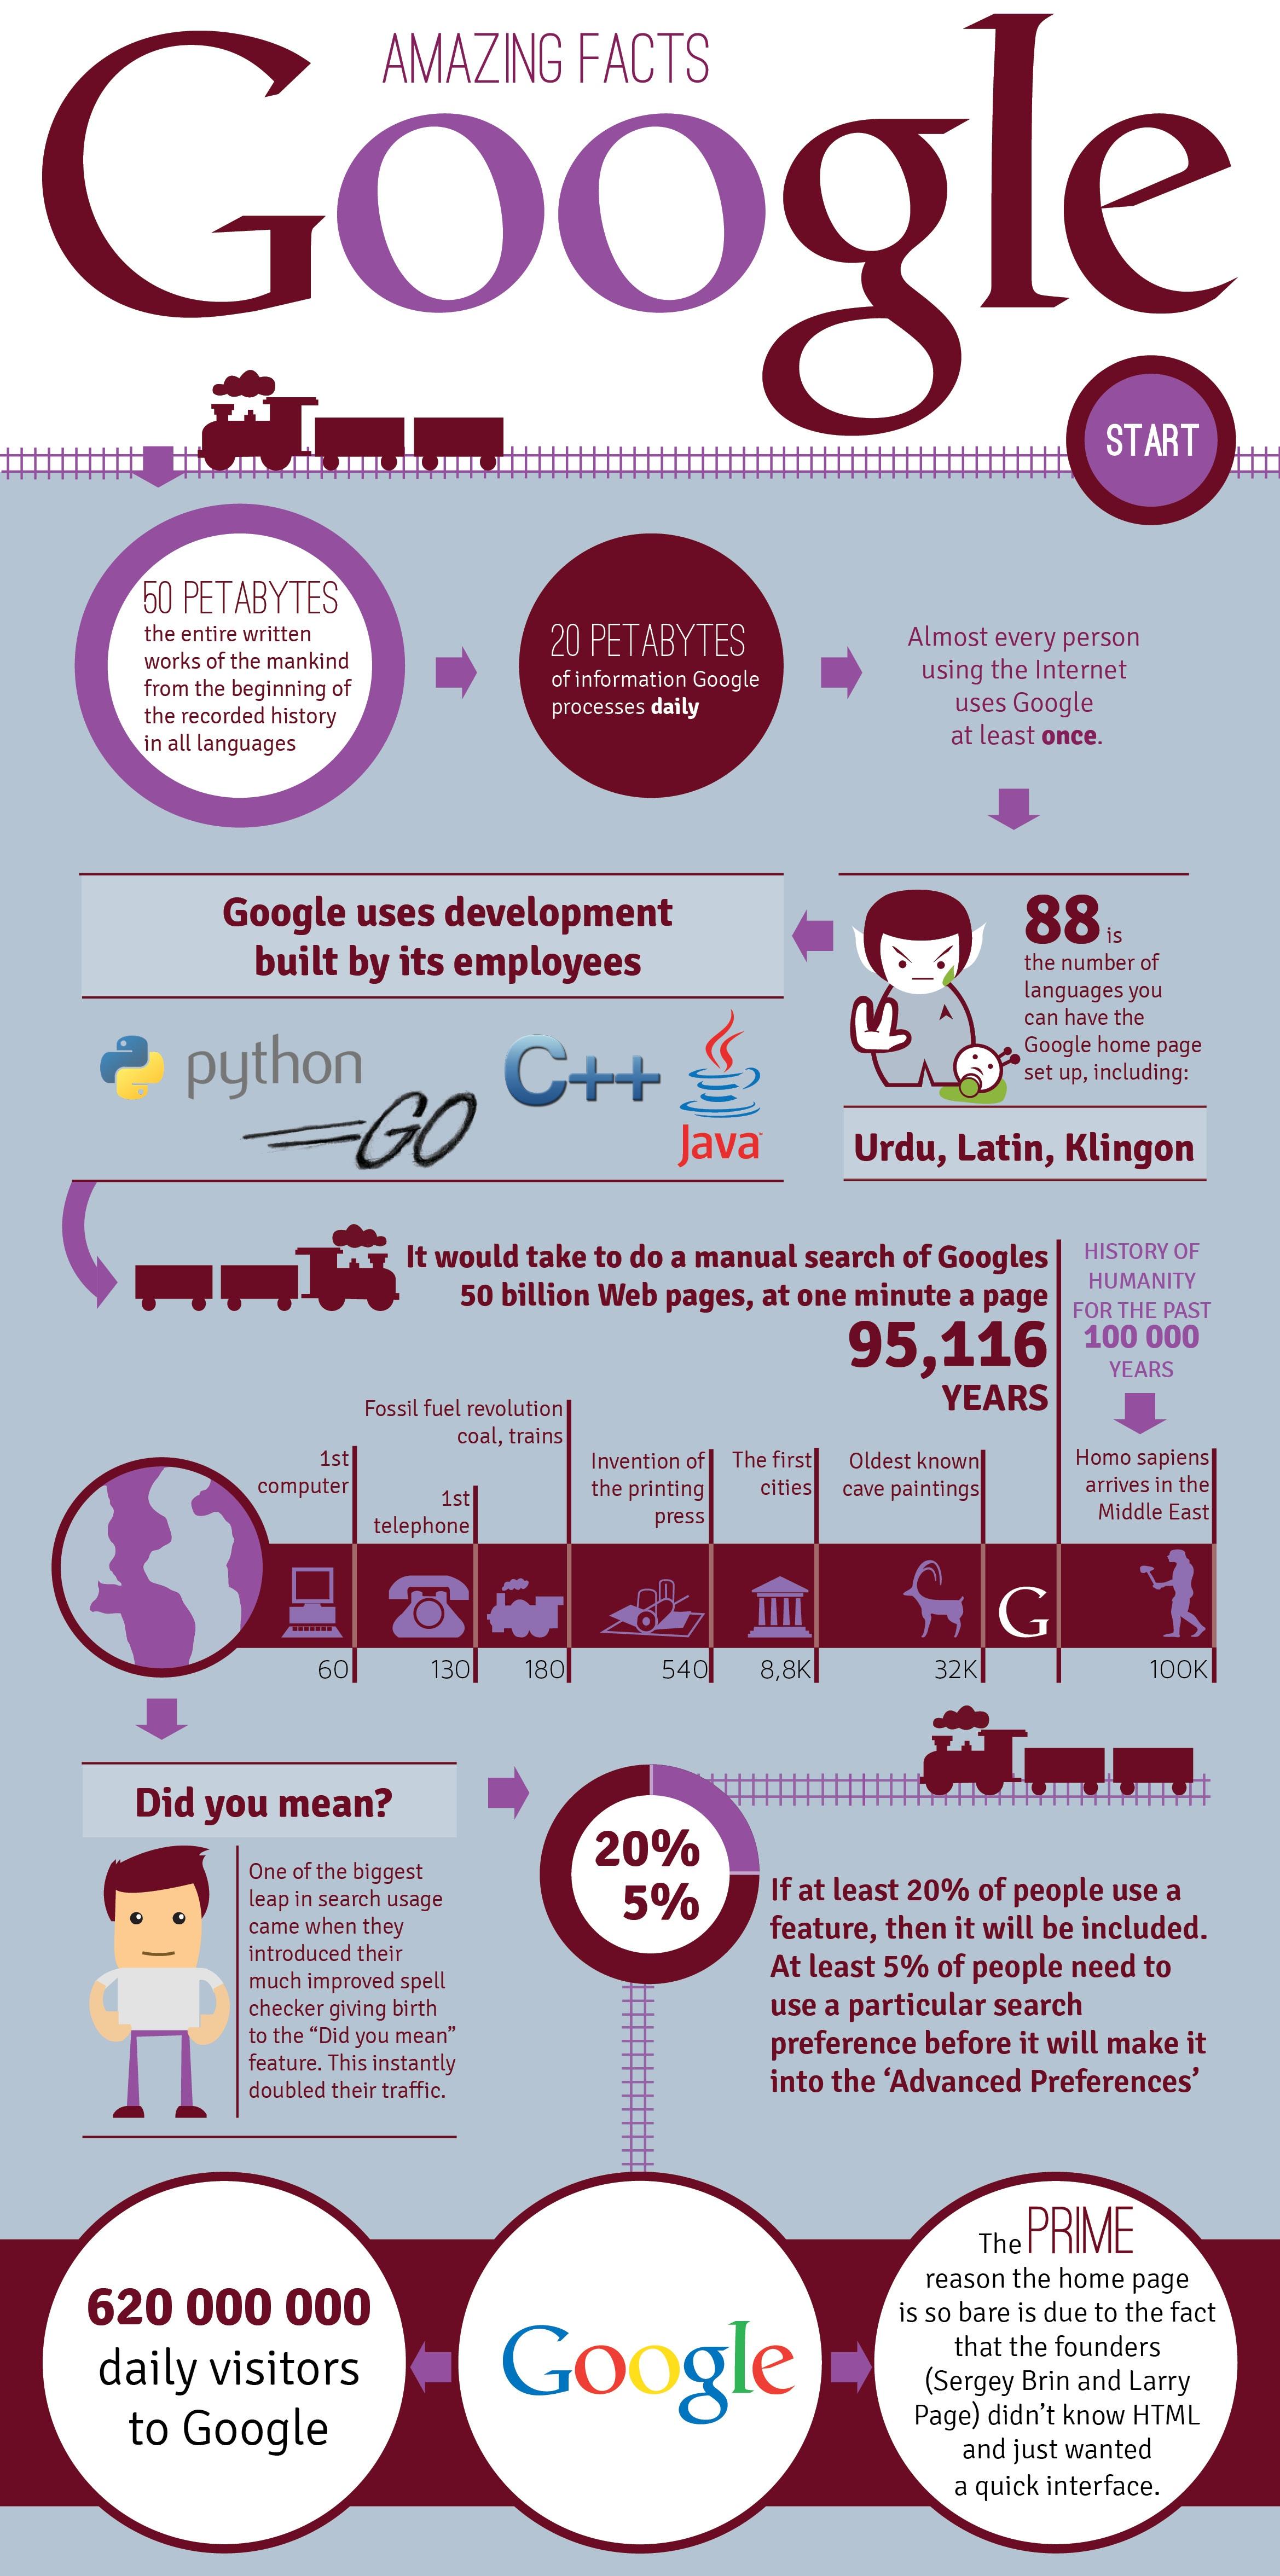 amazing-google-facts-large